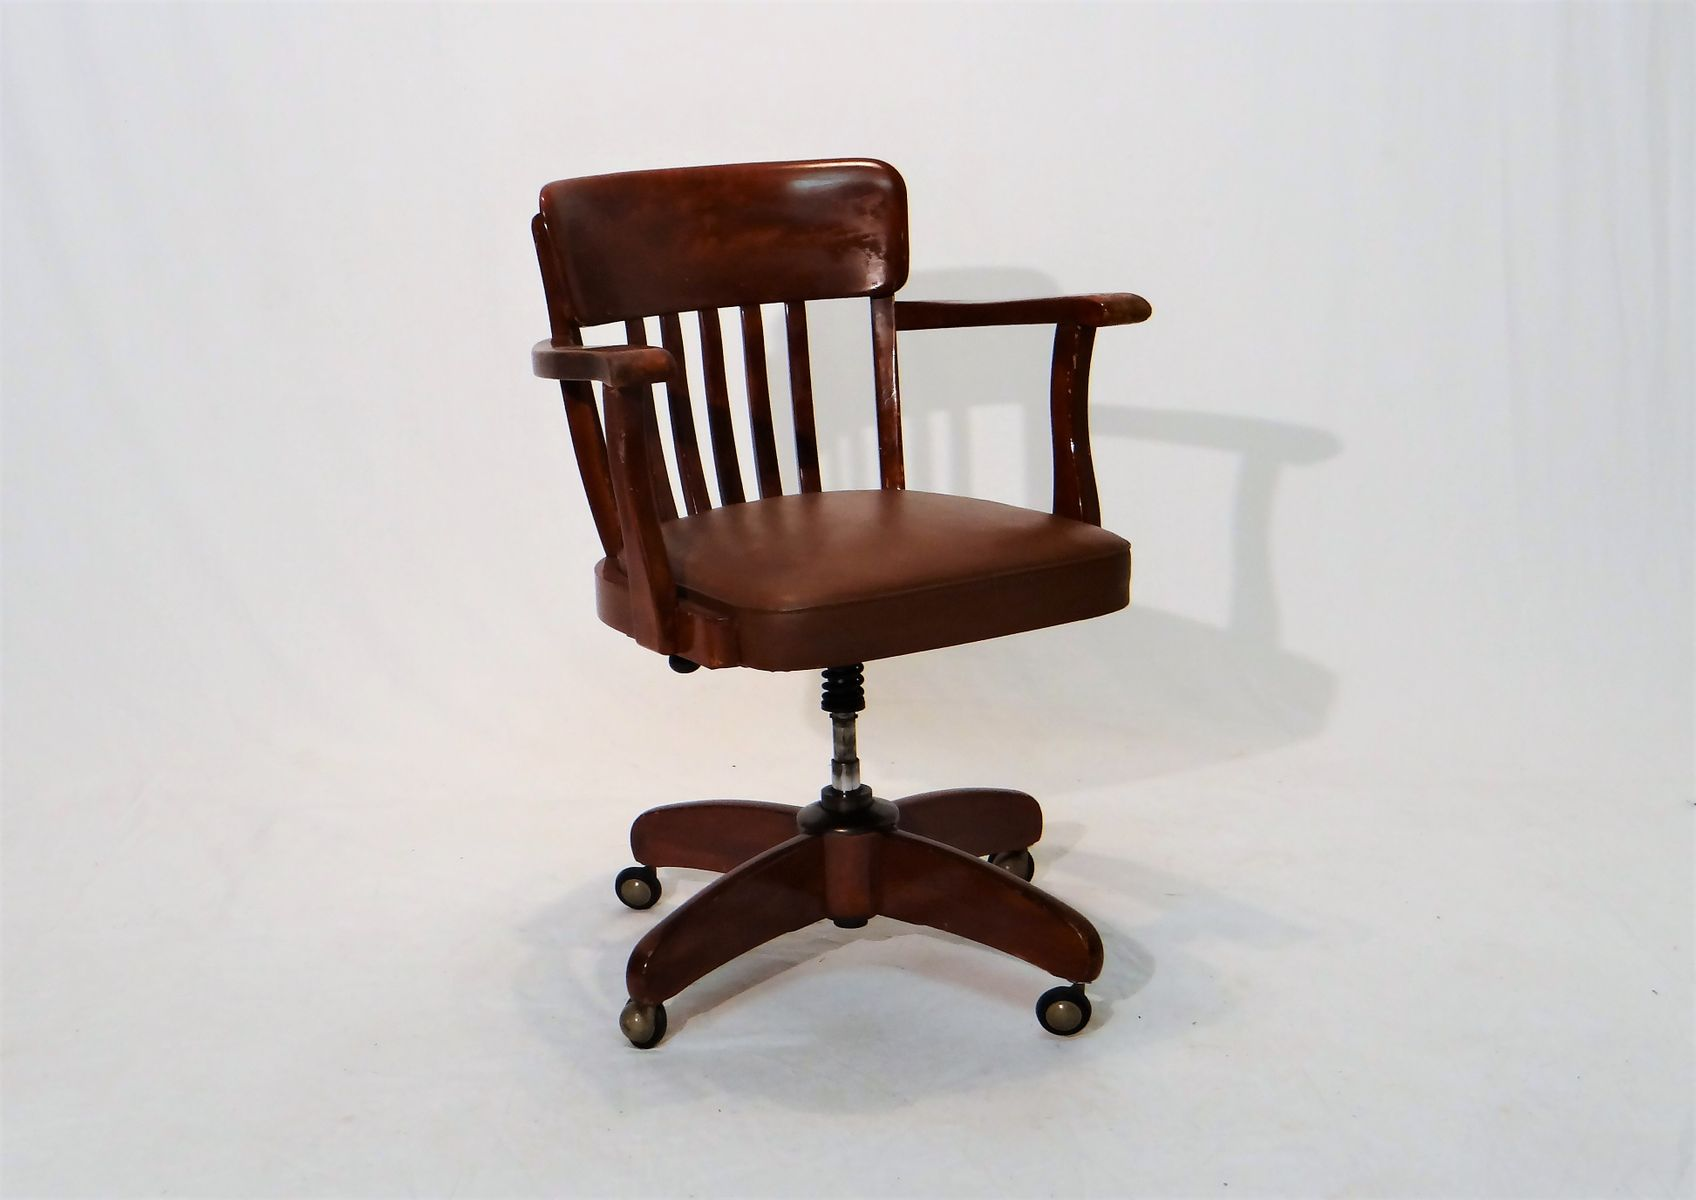 Chaise de bureau allemagne 1950s en vente sur pamono - Chaise de bureau en solde ...